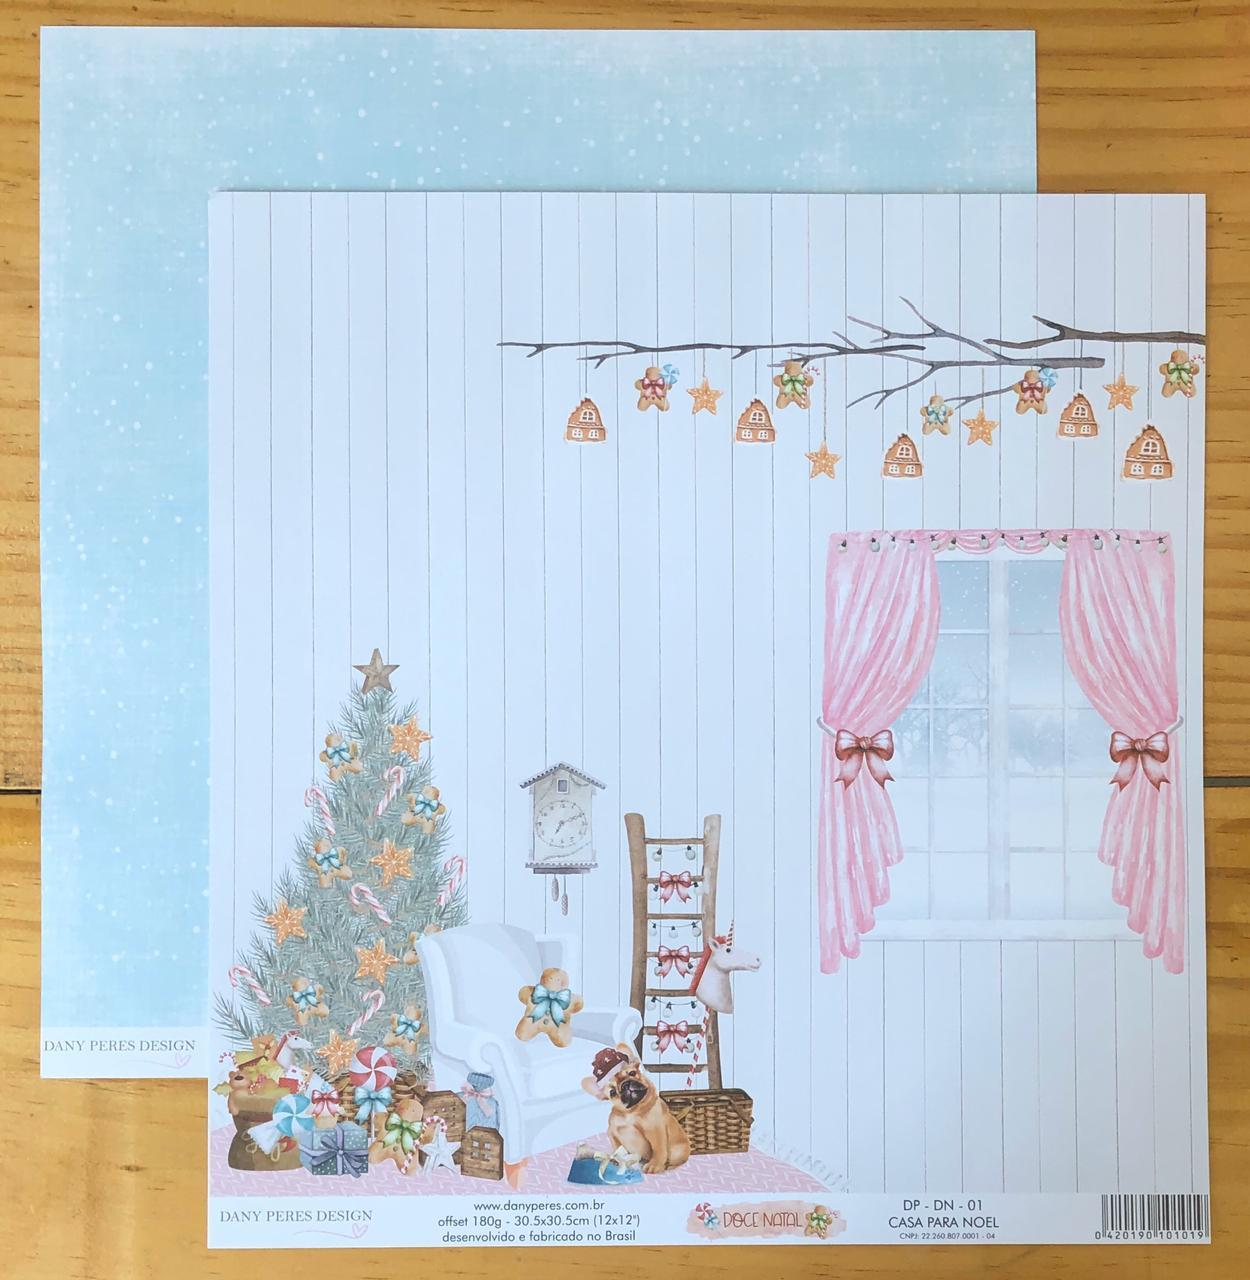 Papel Scrap - Casa para Noel - Coleção Doce Natal - Dany Peres (DP-DN-01)